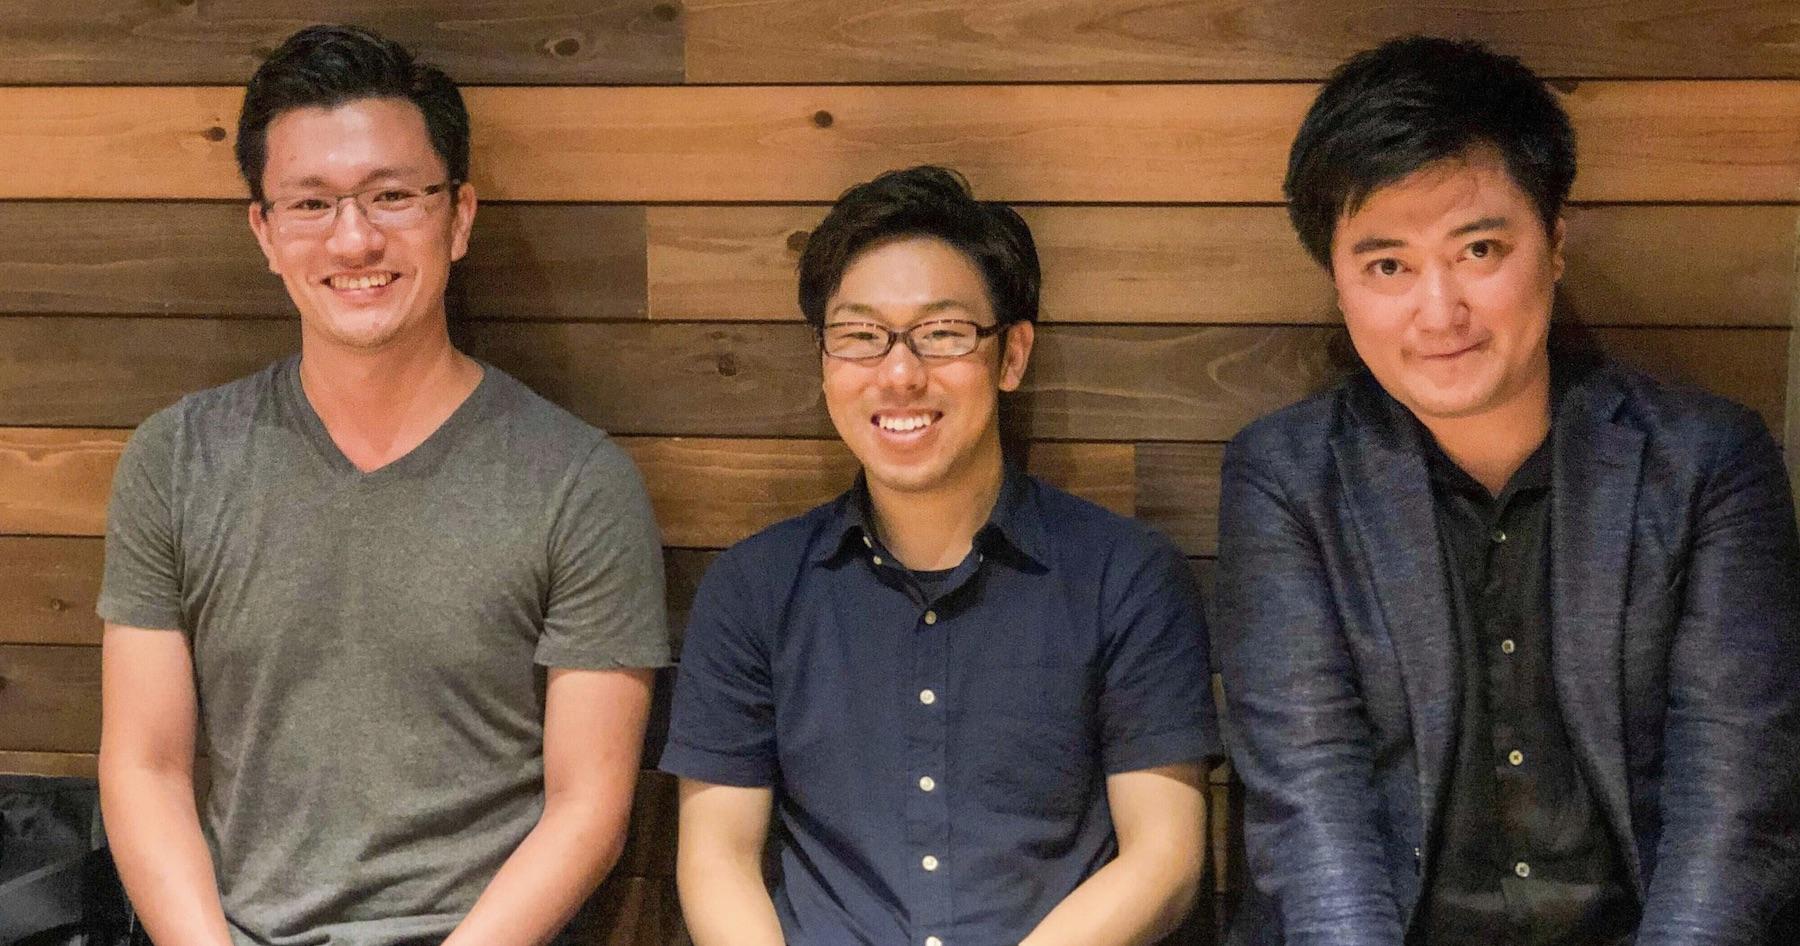 福岡のベンチャーキャピタリスト3名がスタートアップ支援プログラム「S.C.A.L.E.」を始動